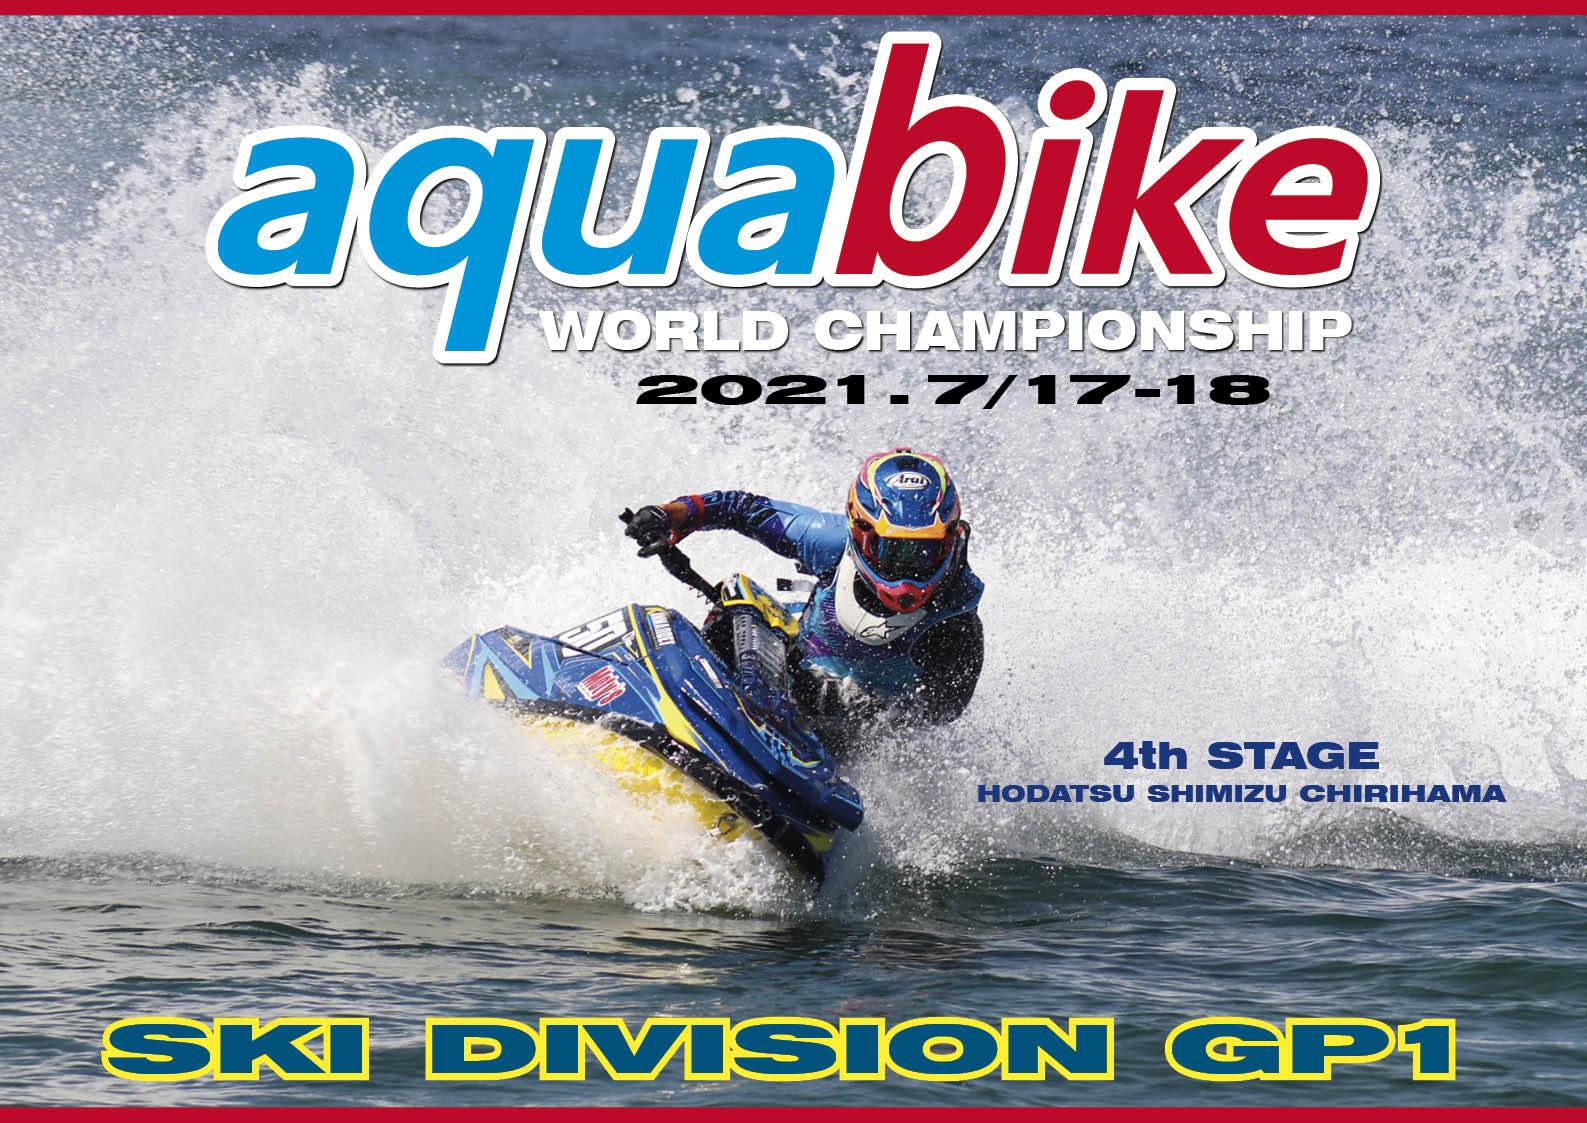 「日本のレース 」 aquabike 2021「SKI DIVISION GP1」 第 4 戦「宝達志水・千里浜大会」 ジェットスキー(水上バイク)